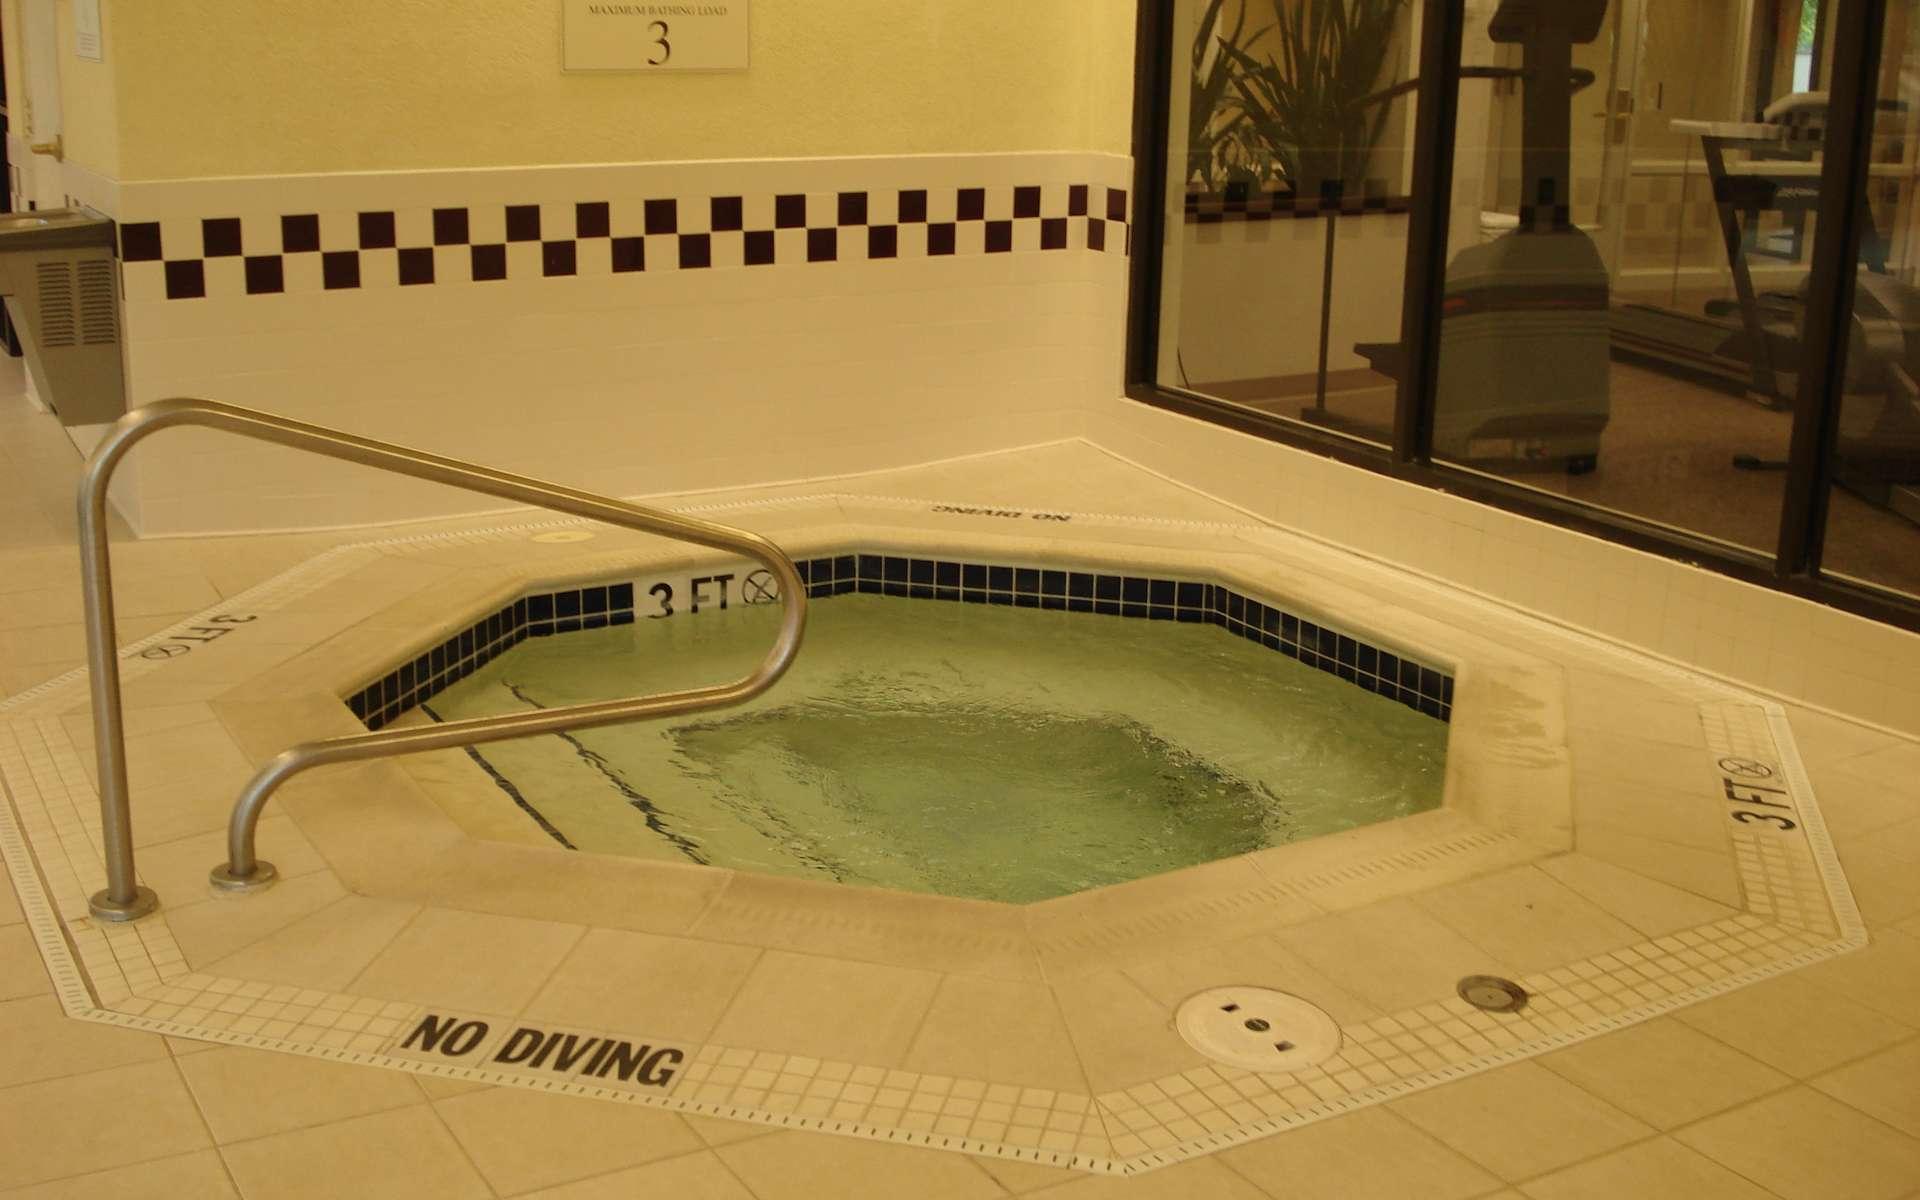 Un Jacuzzi encastré, dans un hôtel. © DR, CC BY-NC-SA 3.0, http://capl.washjeff.edu